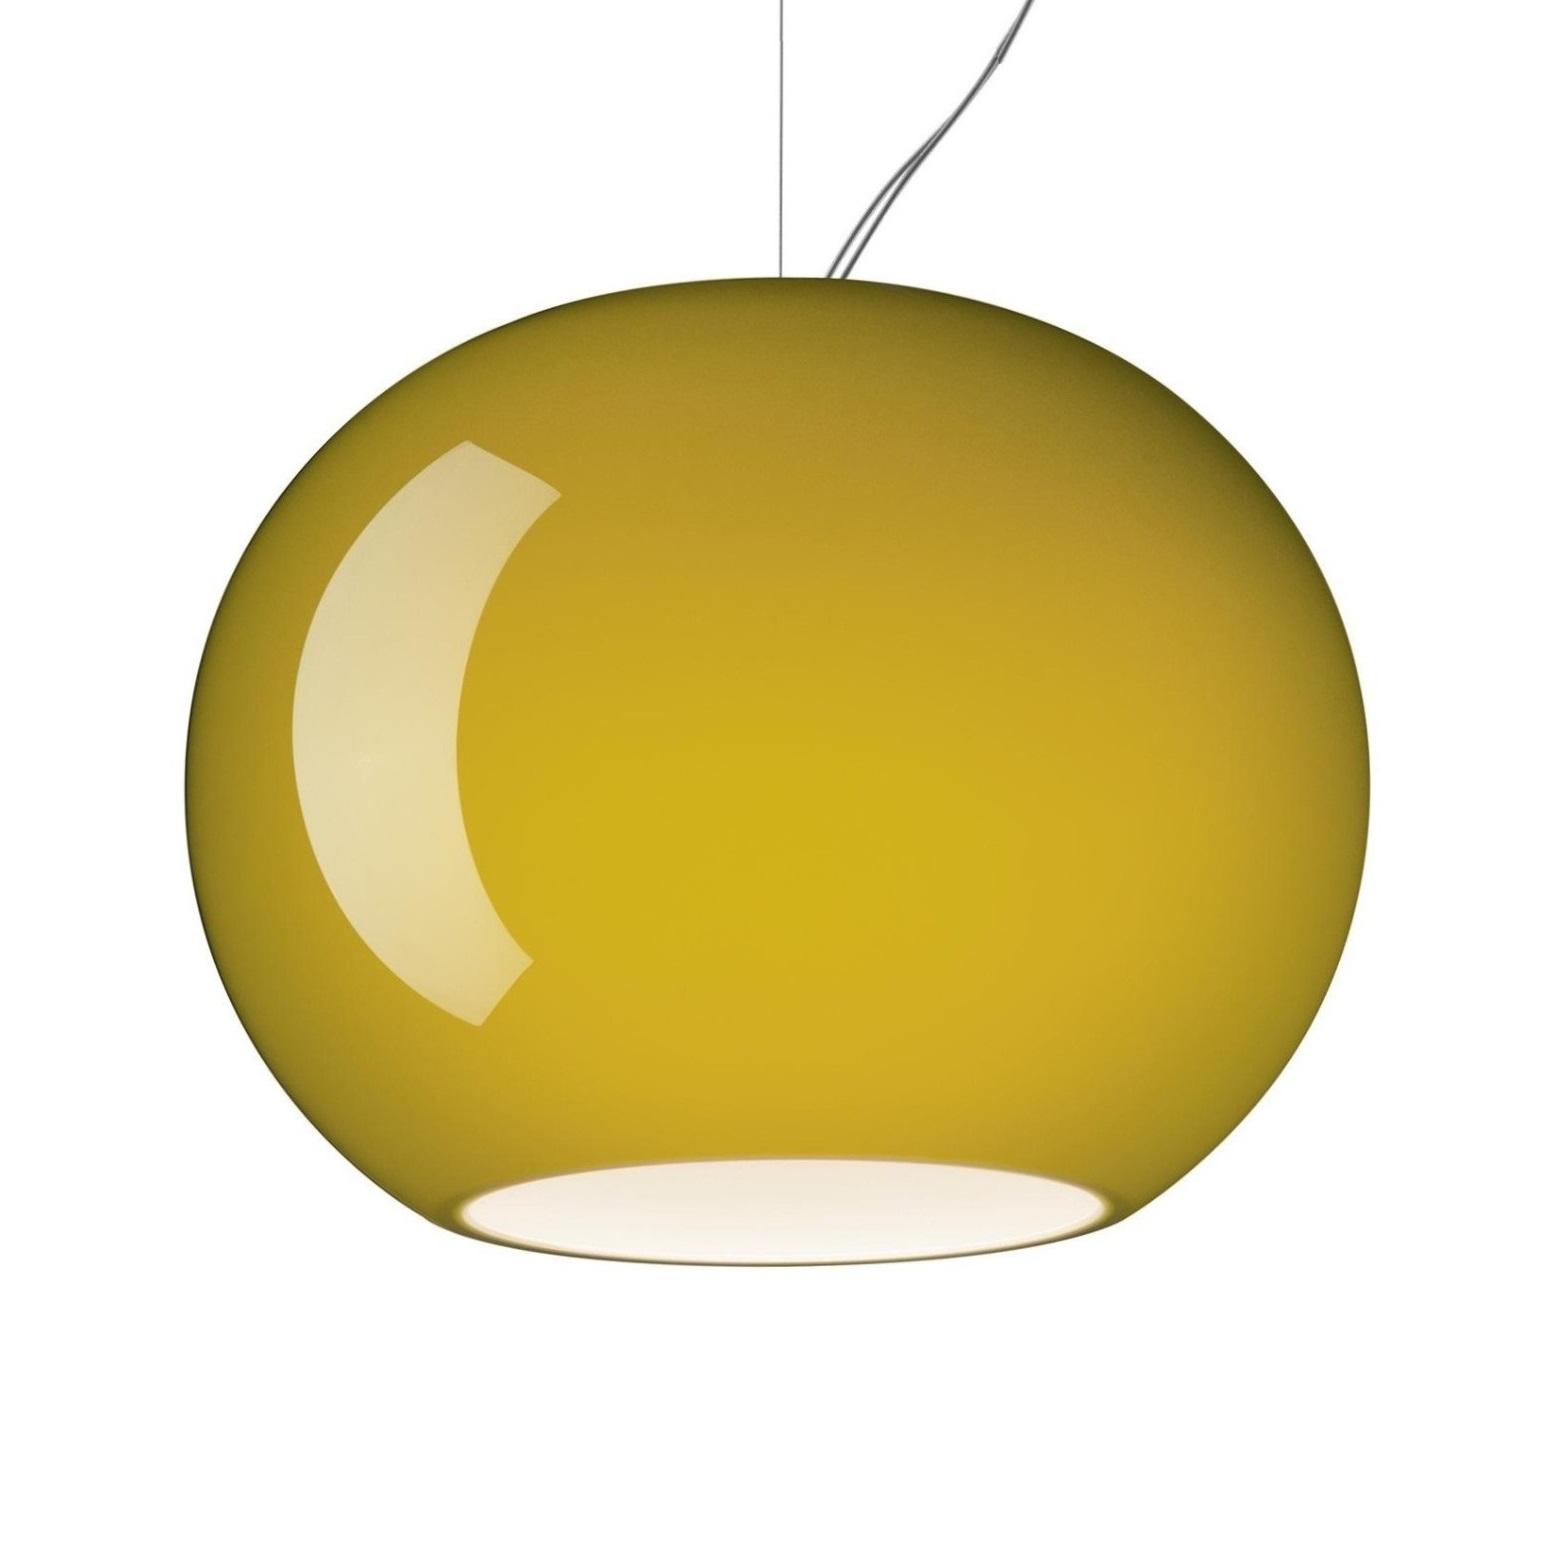 Foscarini designová závěsná svítidla New Buds 3